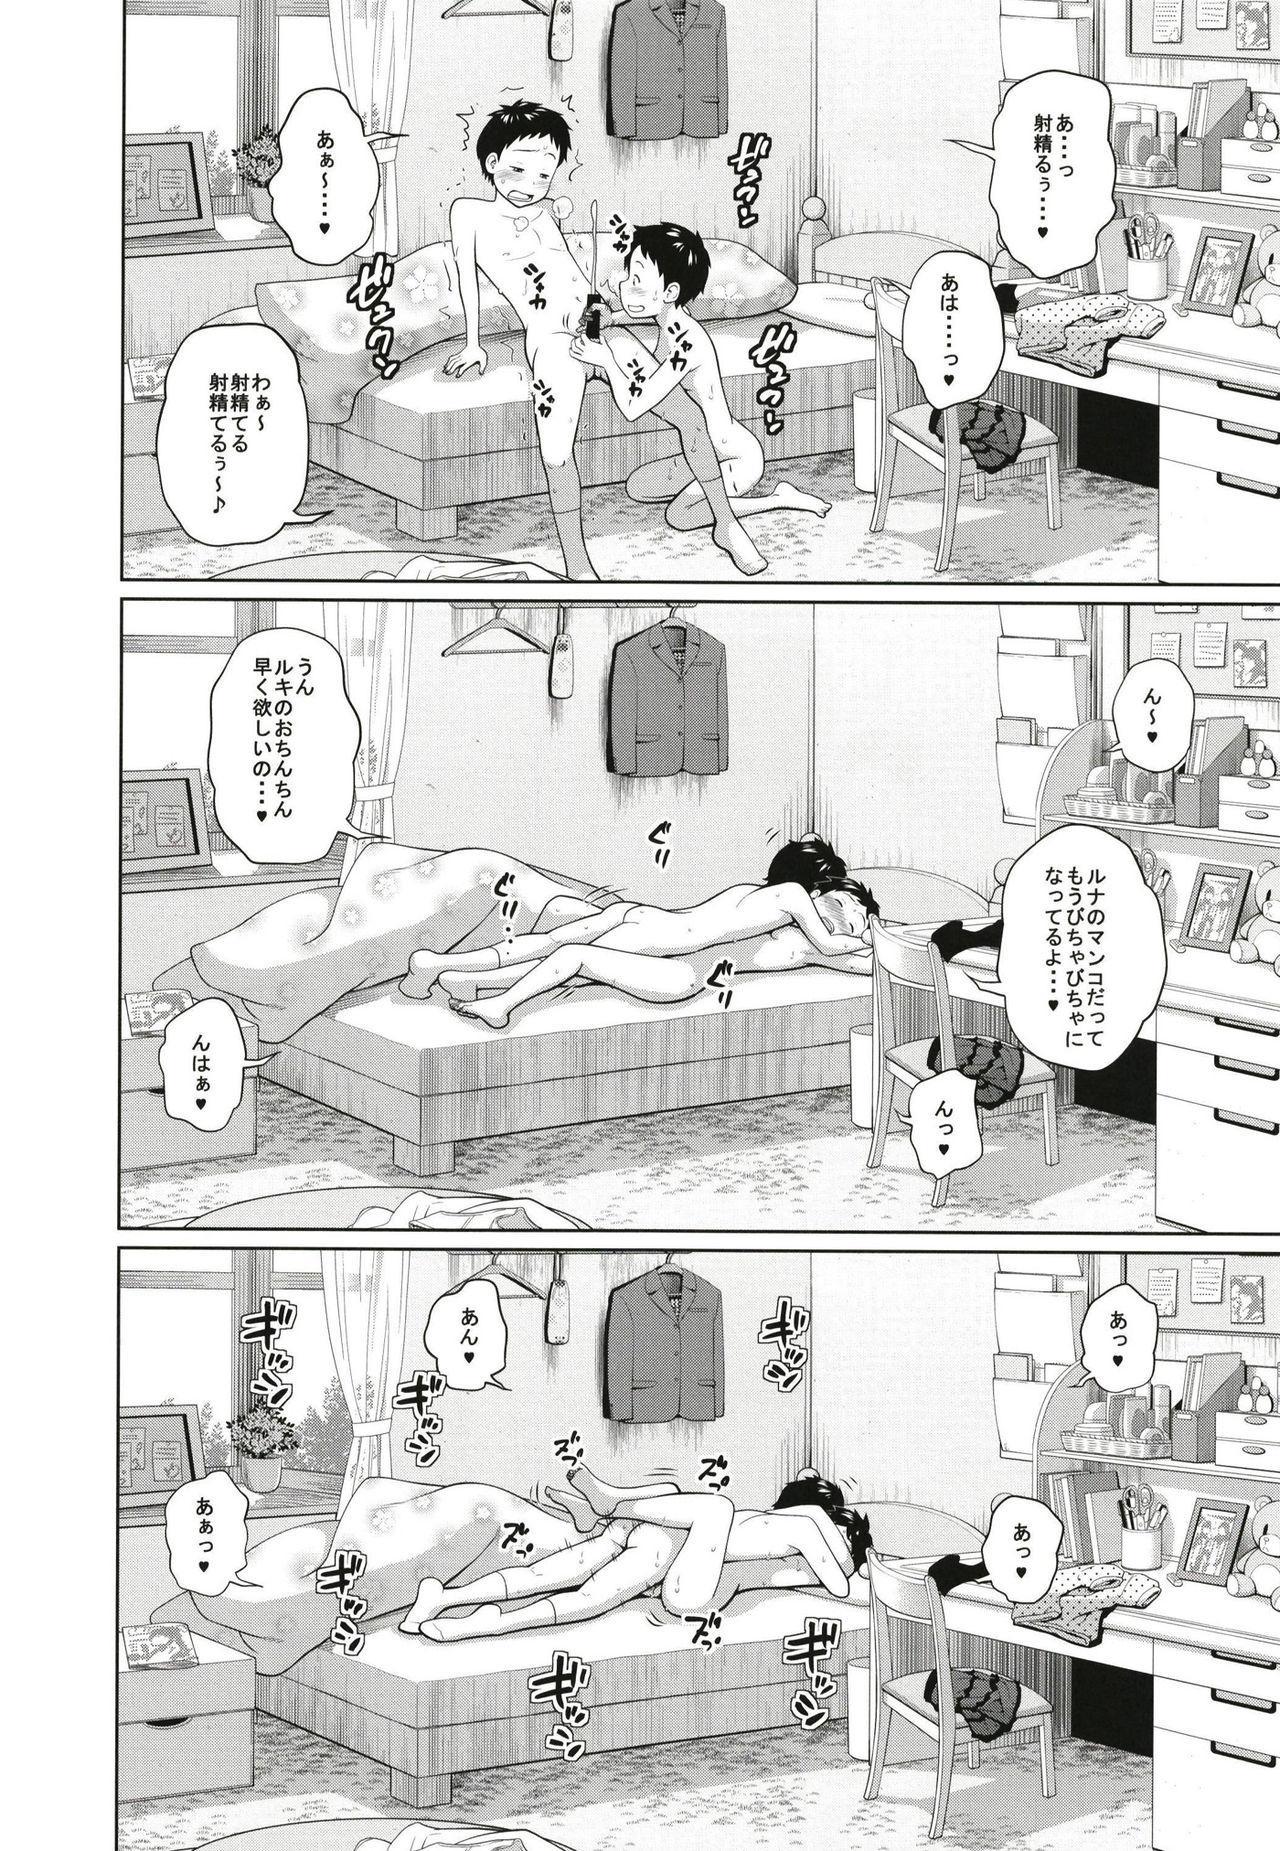 Kono Naka ni Kinshin Soukan Shiteiru Musume ga 3-nin Imasu #3 13